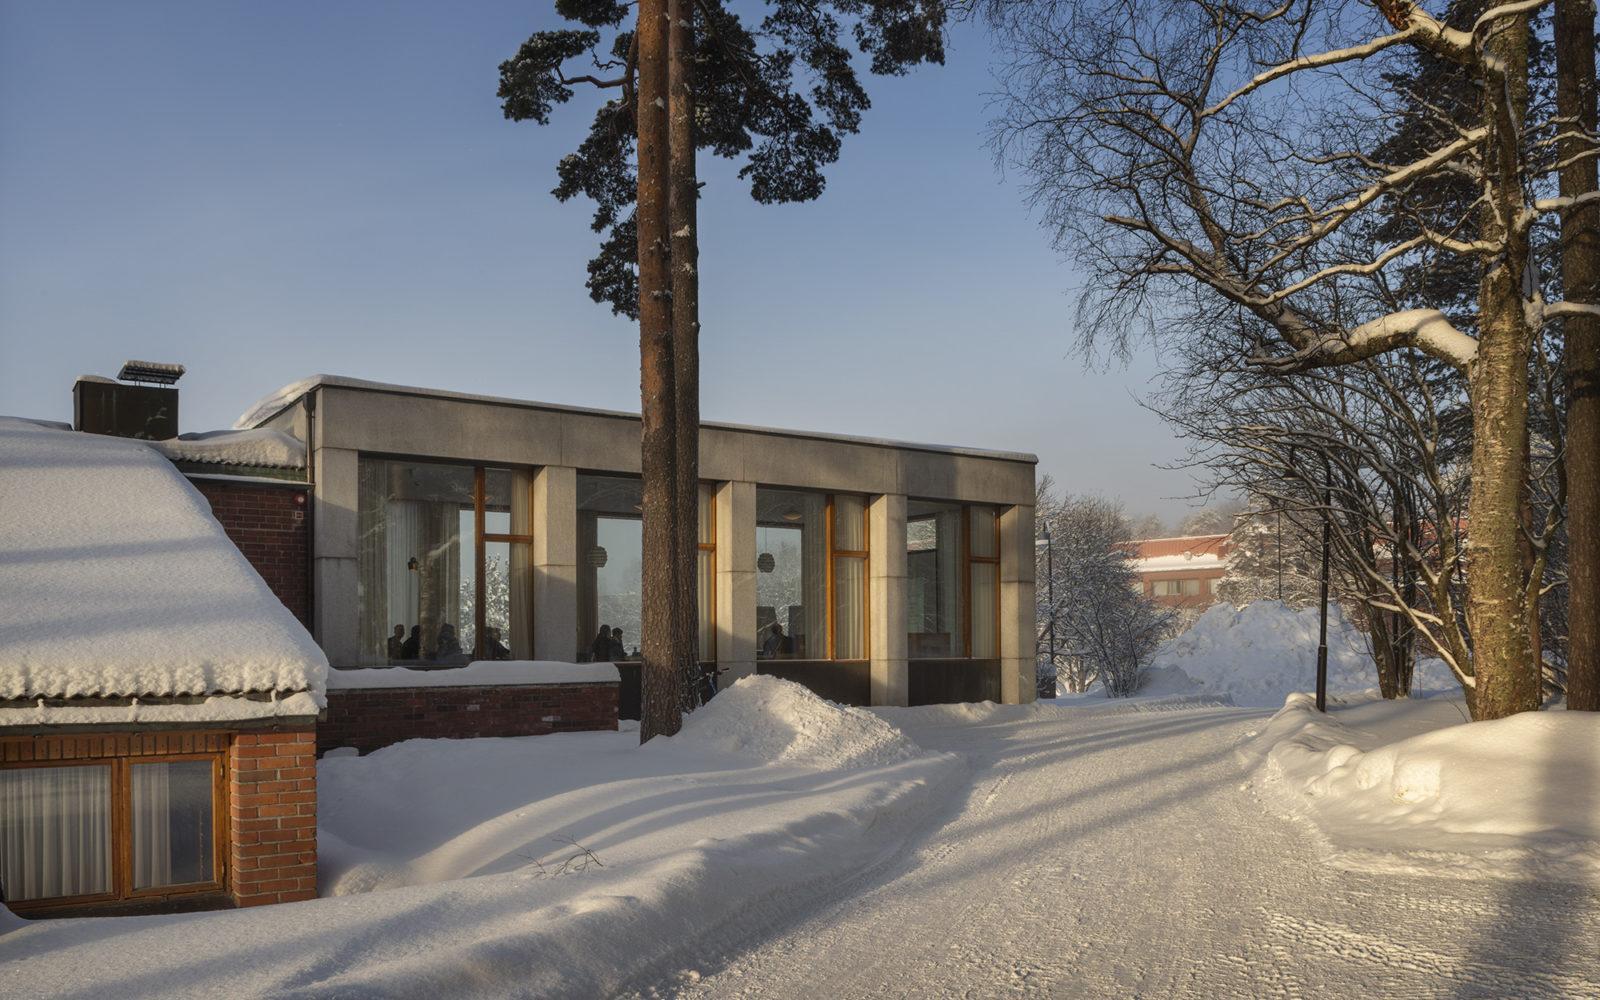 Jyväskylän yliopisto, Lyhty